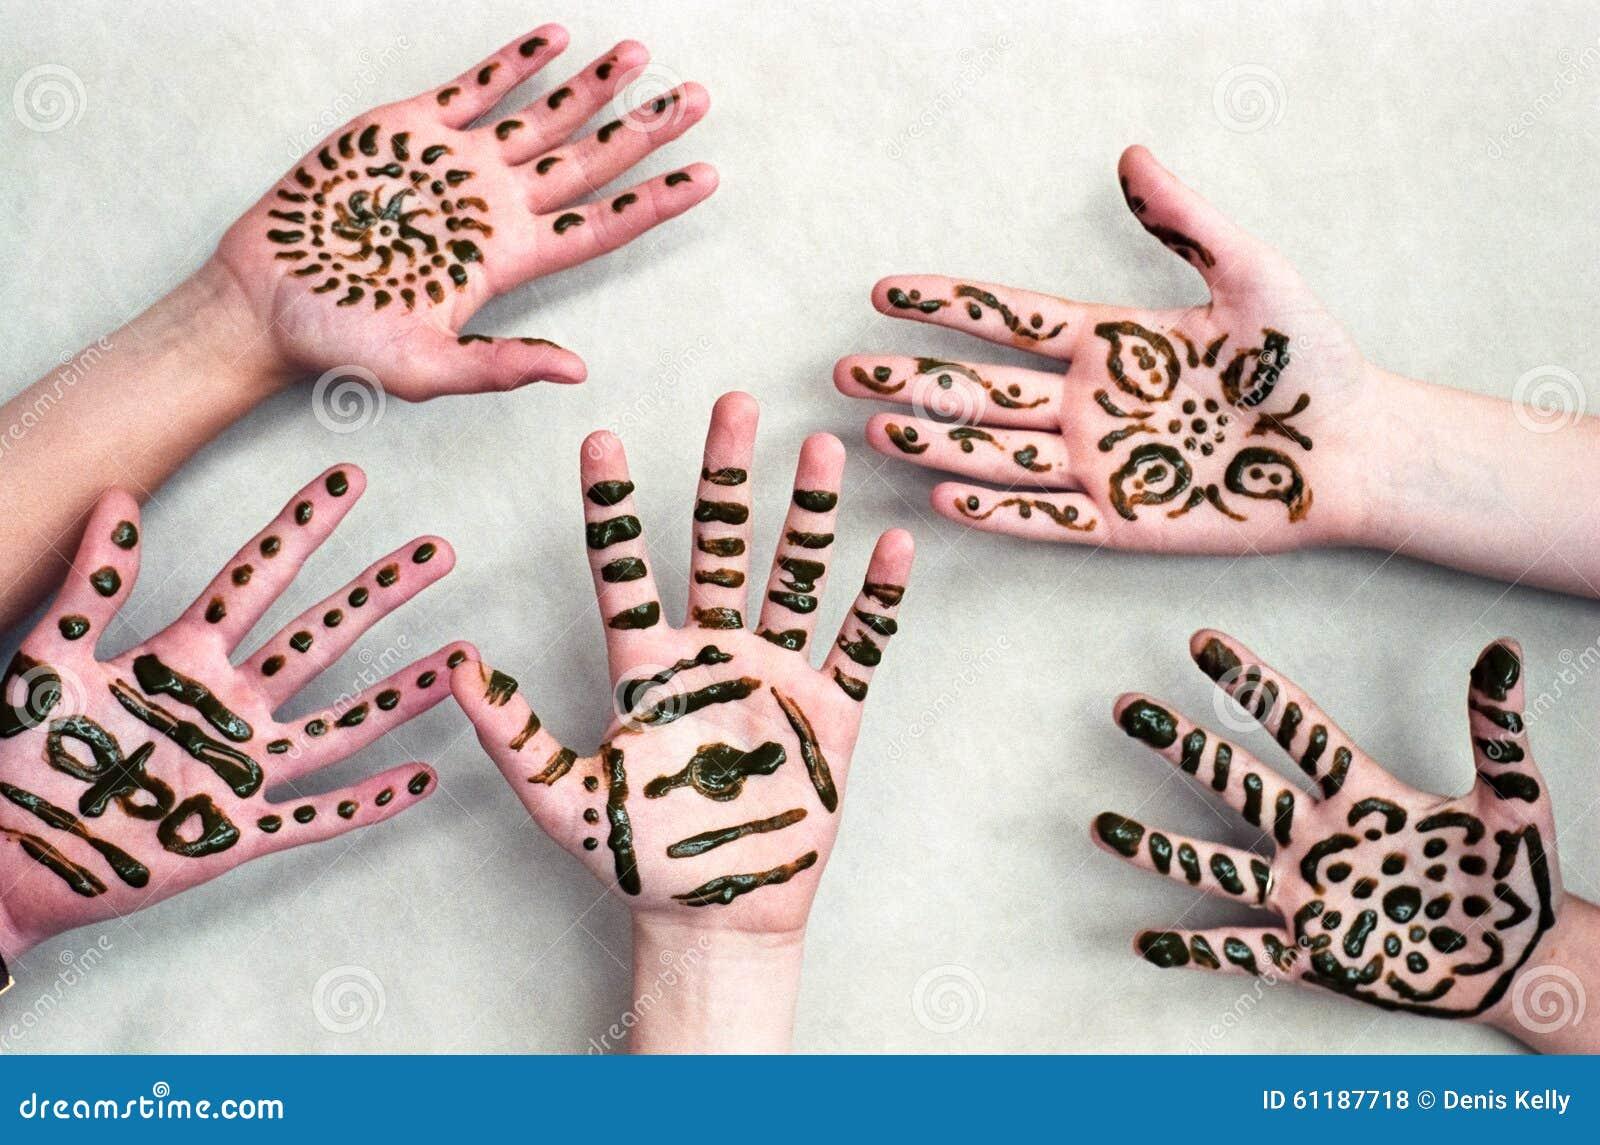 kinder henna hands stockfoto bild 61187718. Black Bedroom Furniture Sets. Home Design Ideas